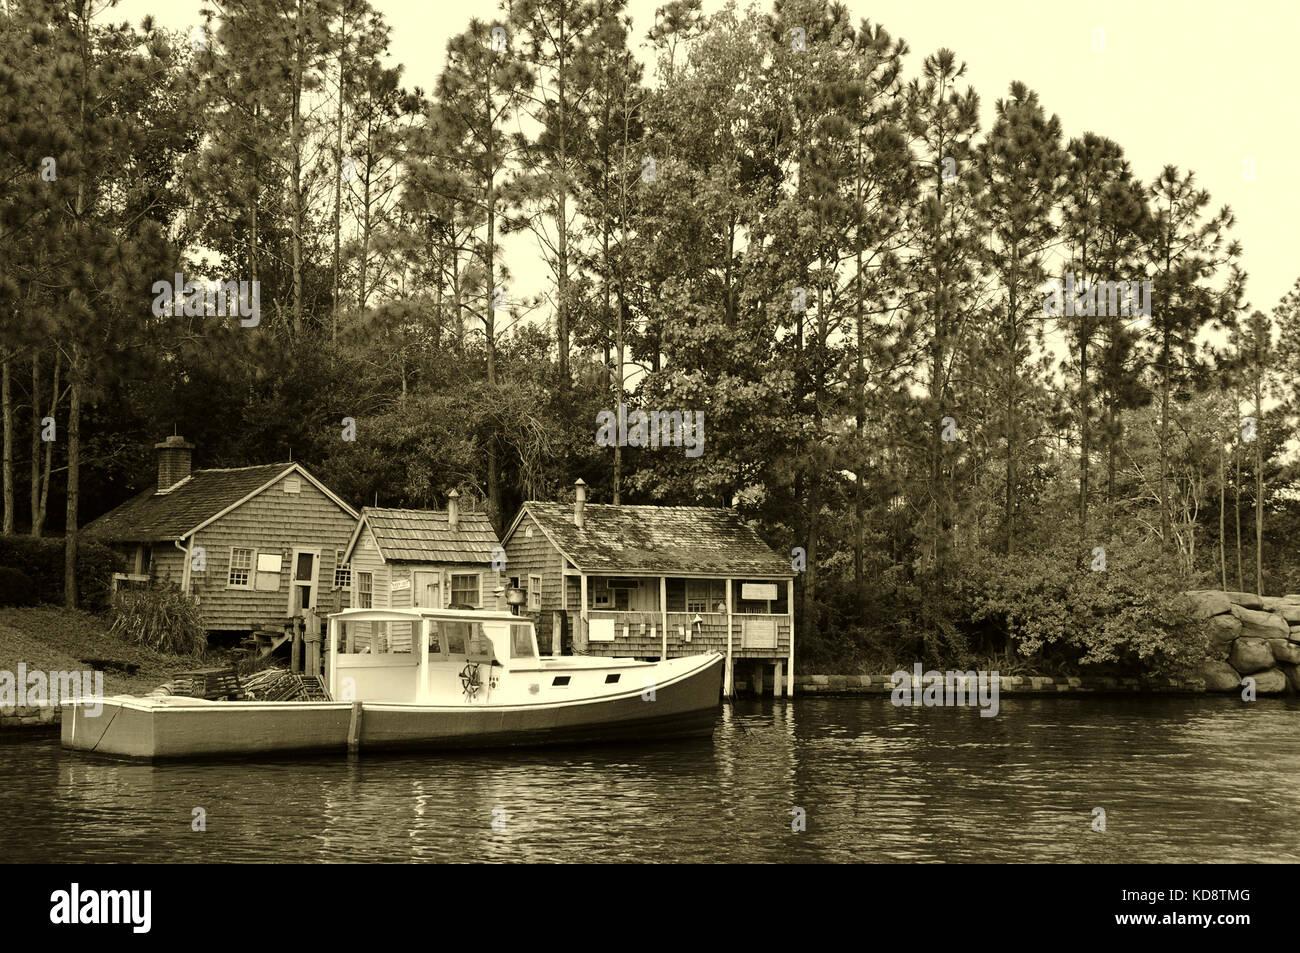 New England fishing village - Stock Image